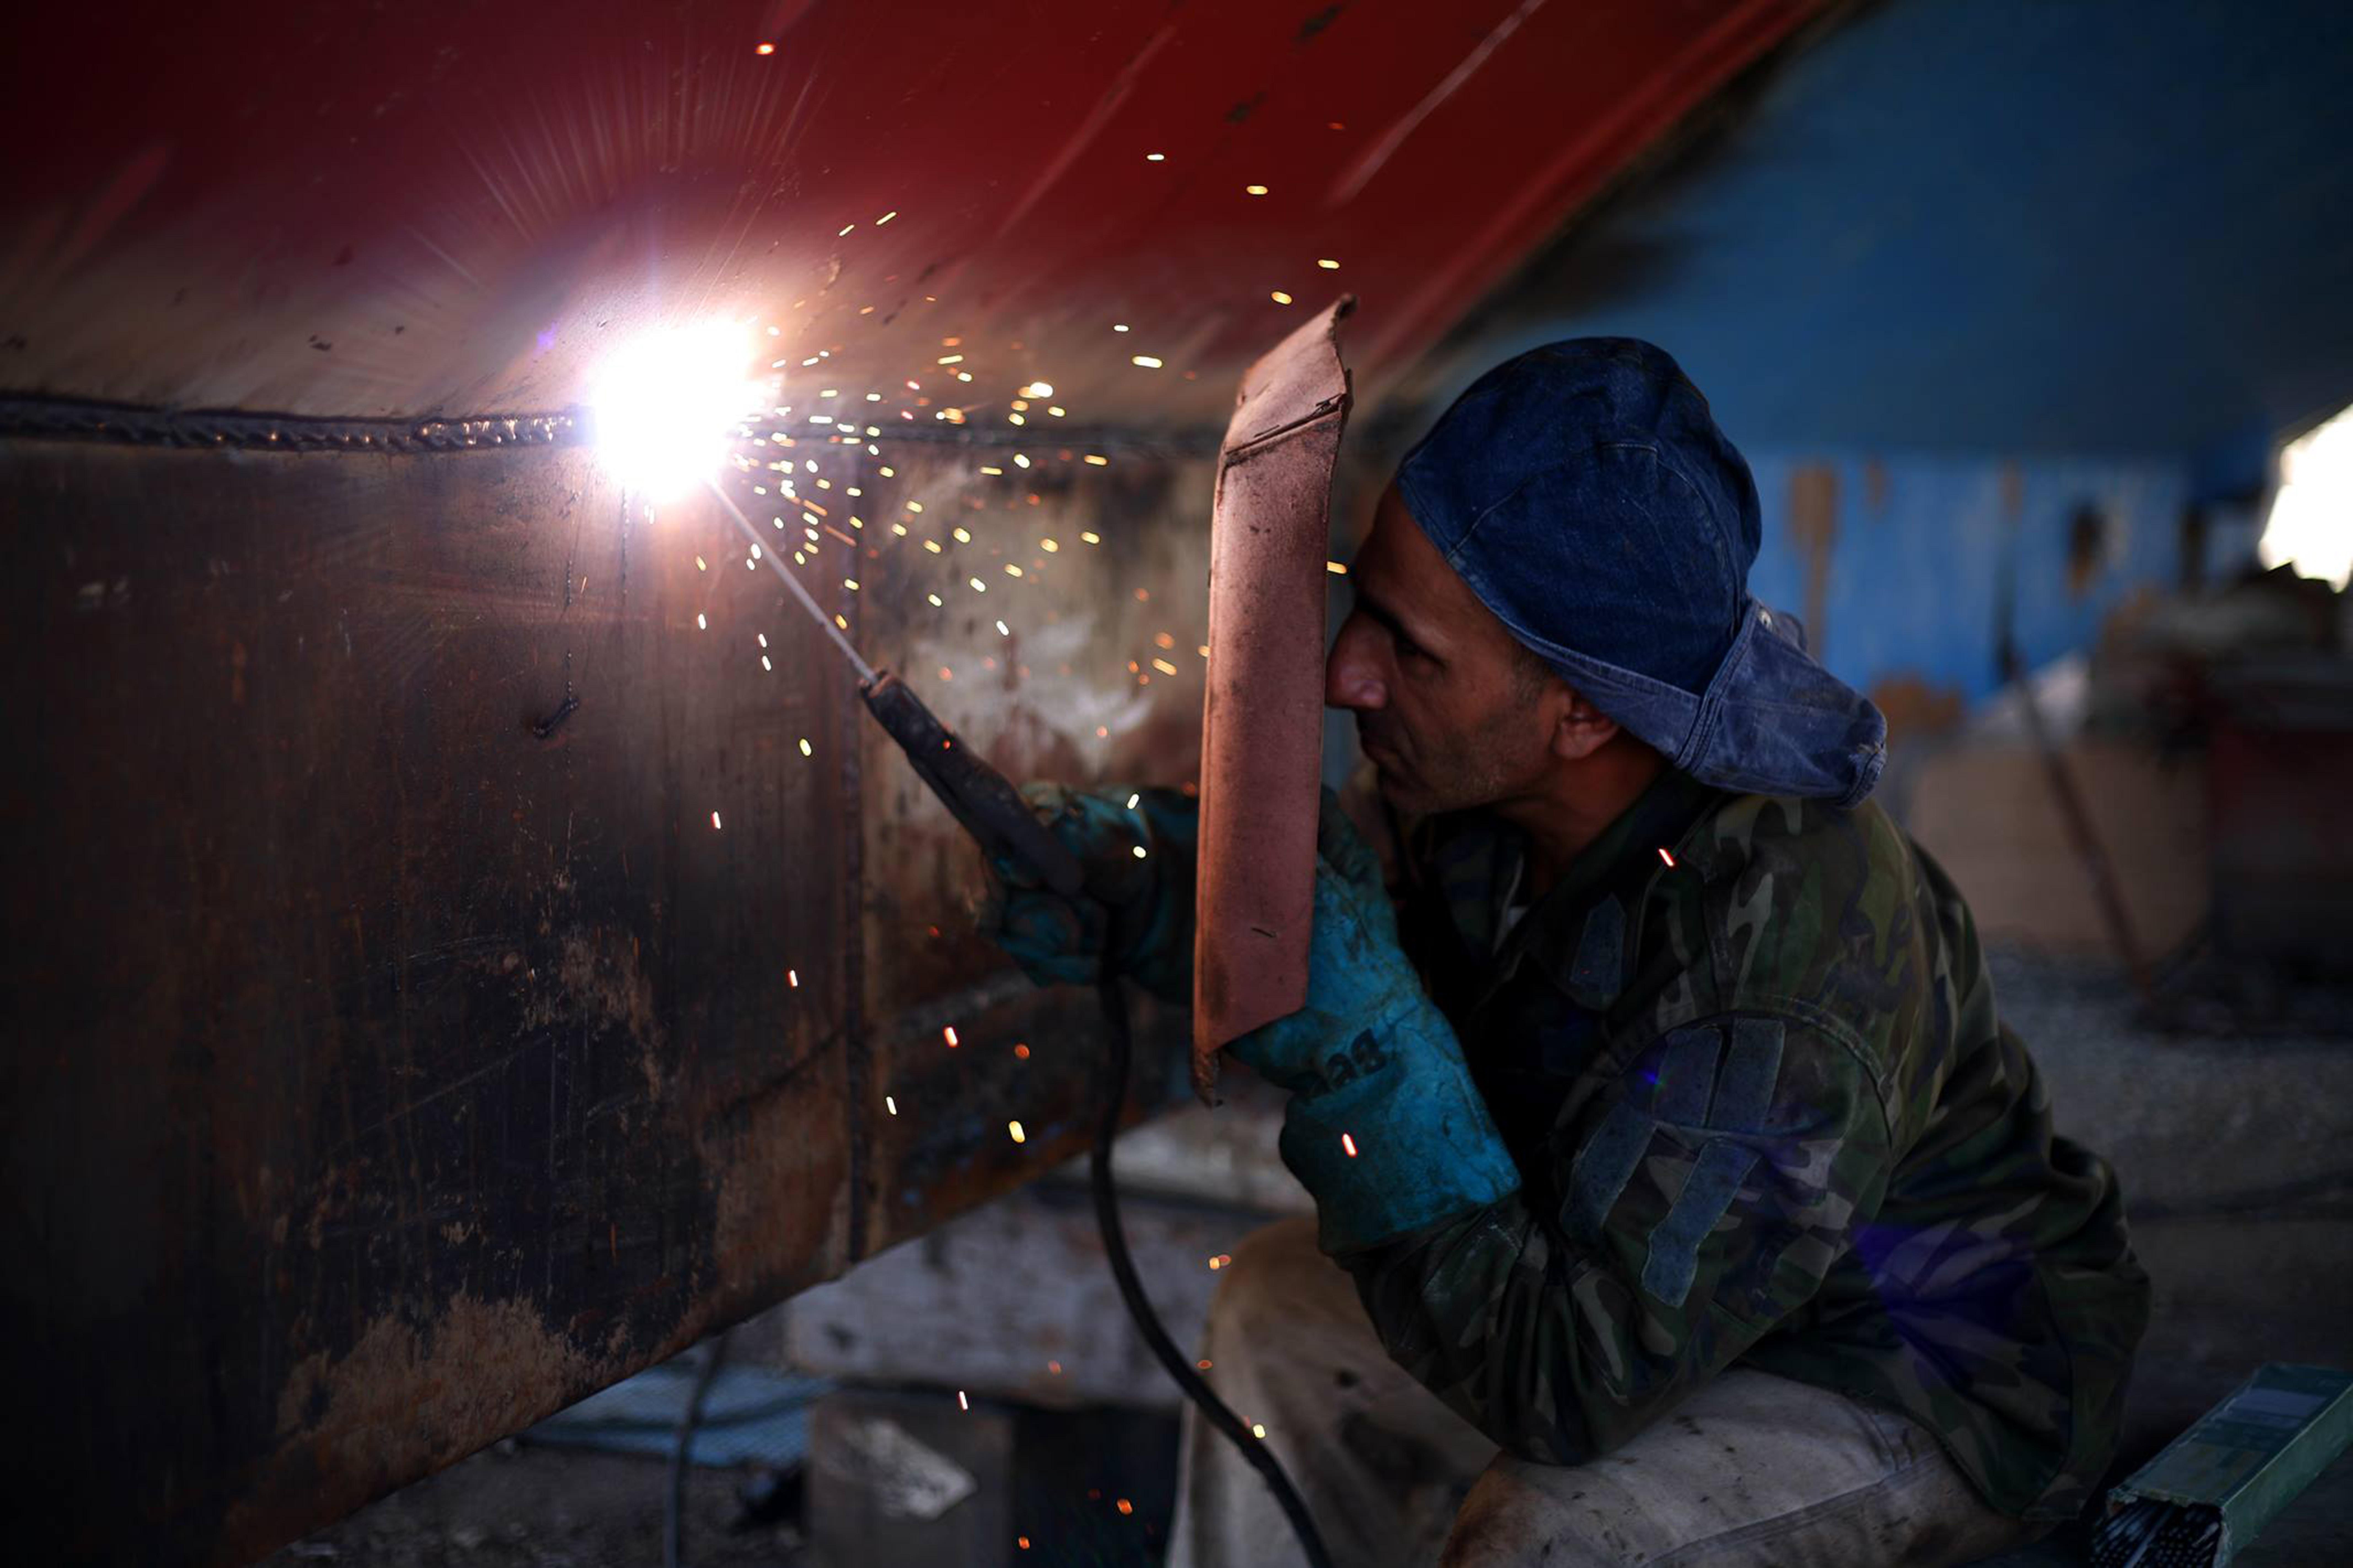 A man welding a steel sheet in a workshop